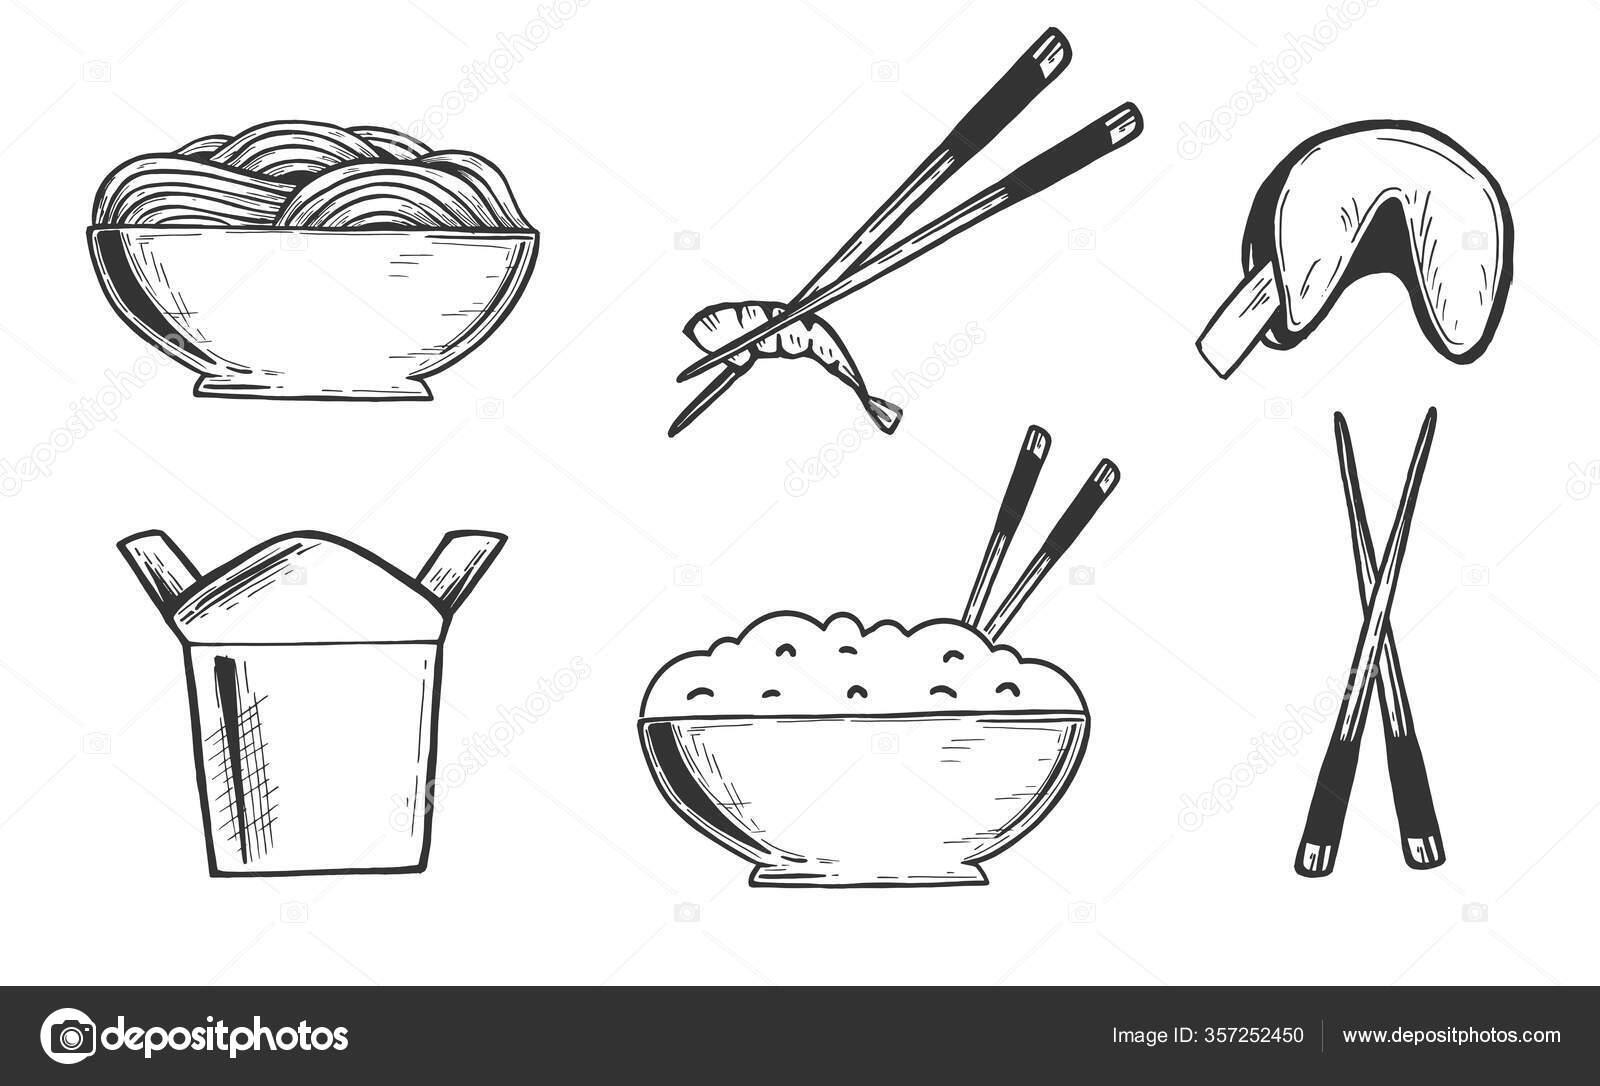 Koleksi 26 Contoh Gambar Mewarnai Bakul Nasi Kataucap Gambar bakul nasi hitam putih